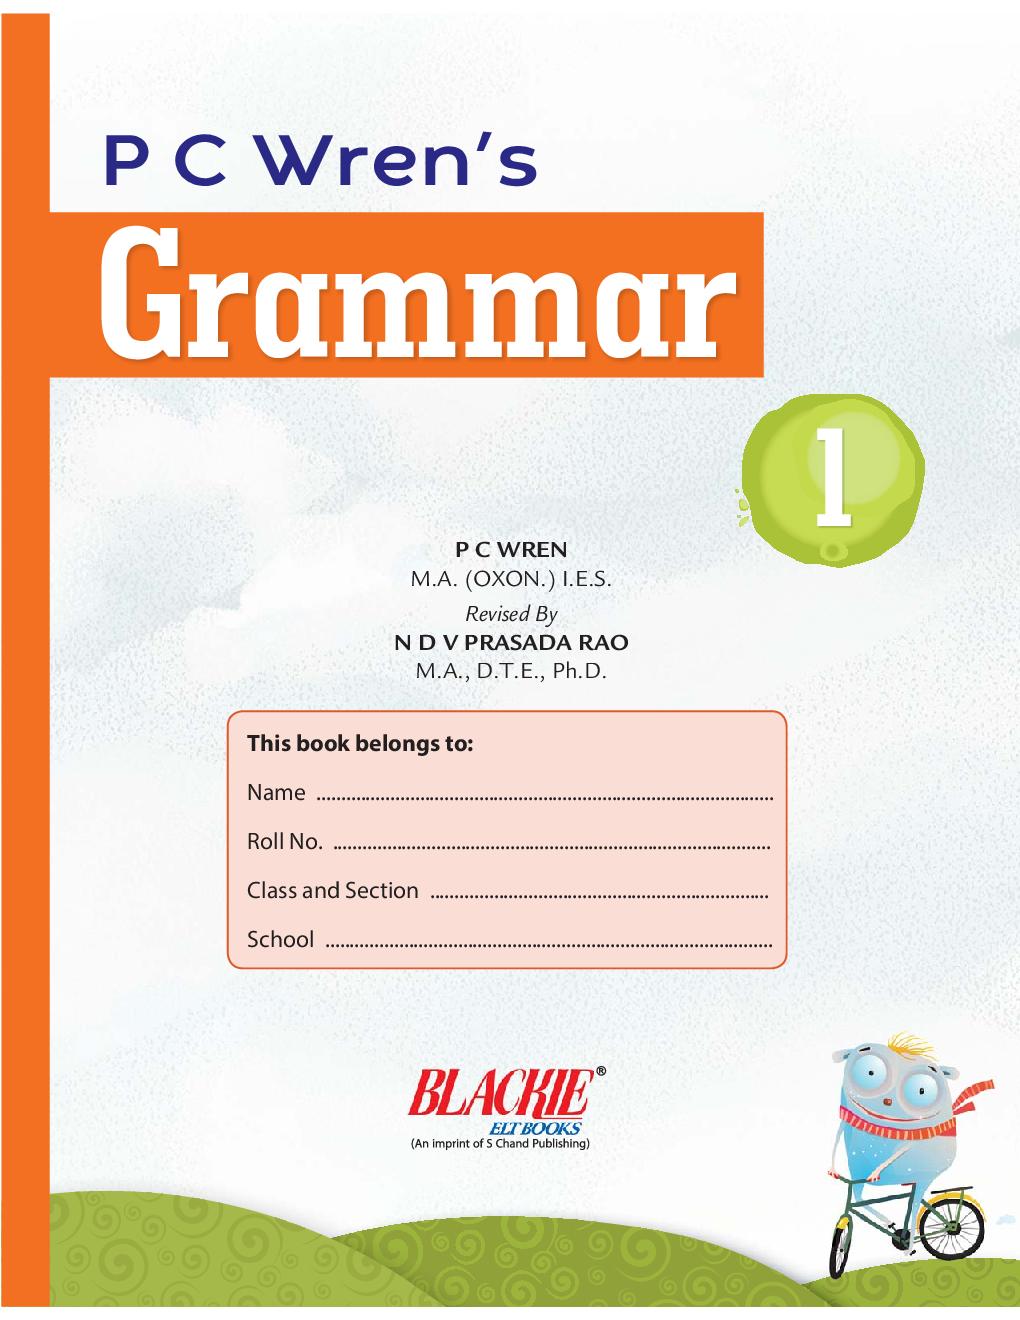 P C Wren's Grammar  1 - Page 2